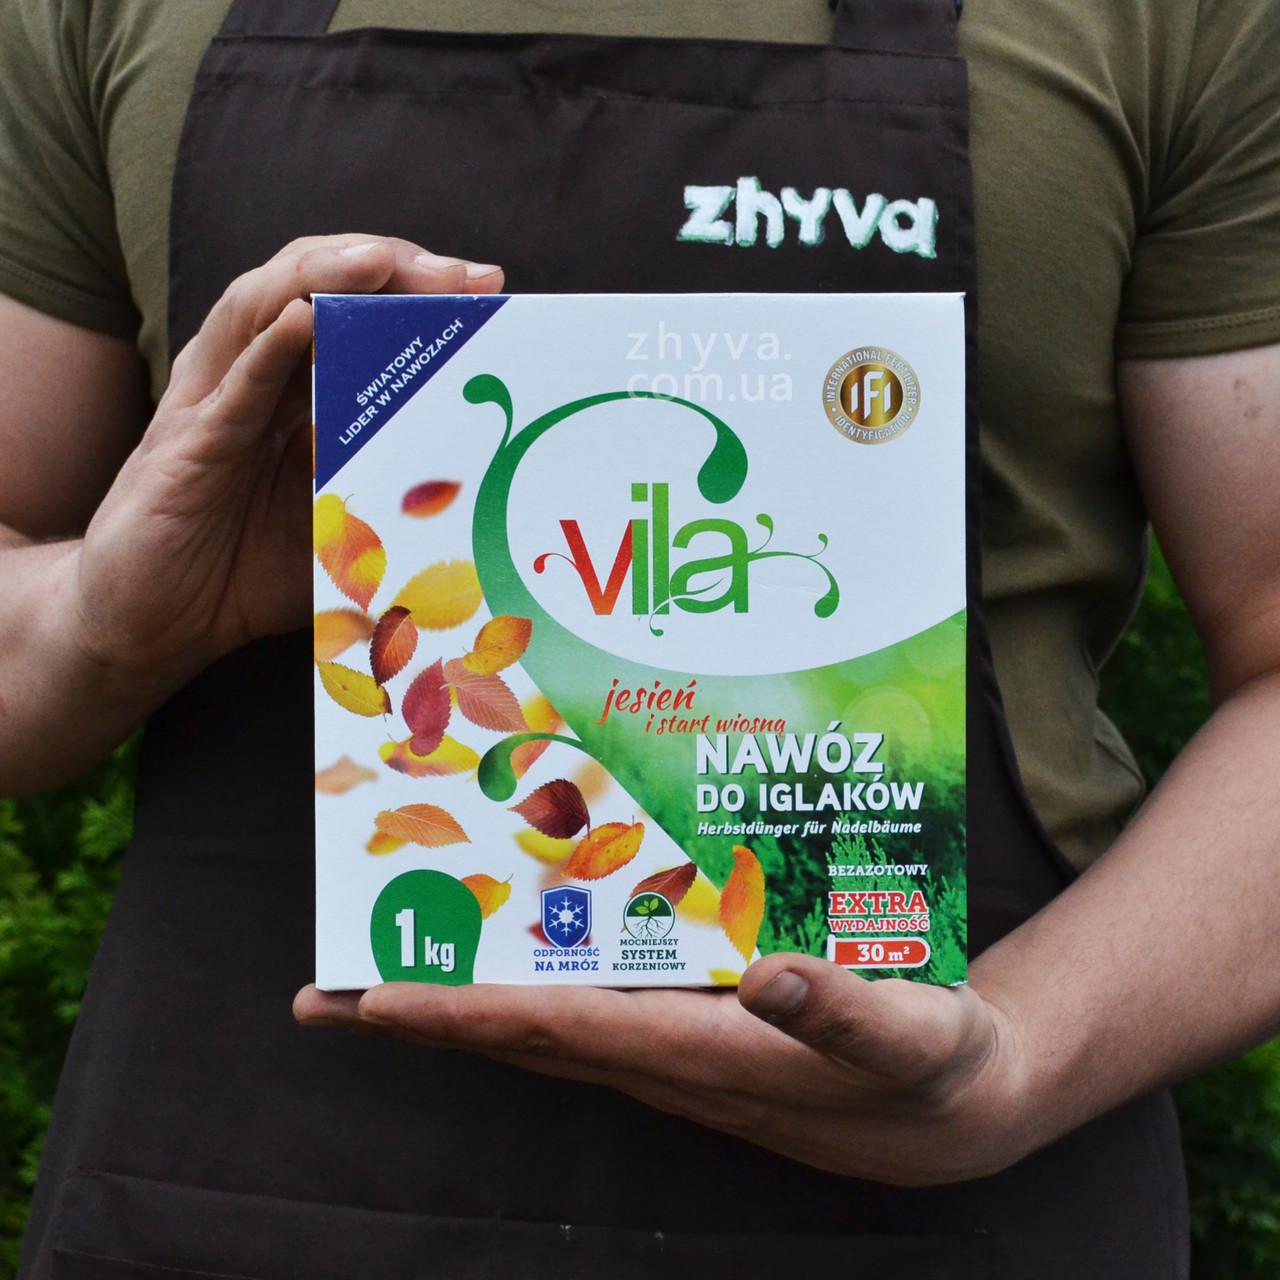 Добриво осіннє для хвойний рослин Vila Yara 1кг / Удобрение осеннее для хвои Яра 1кг